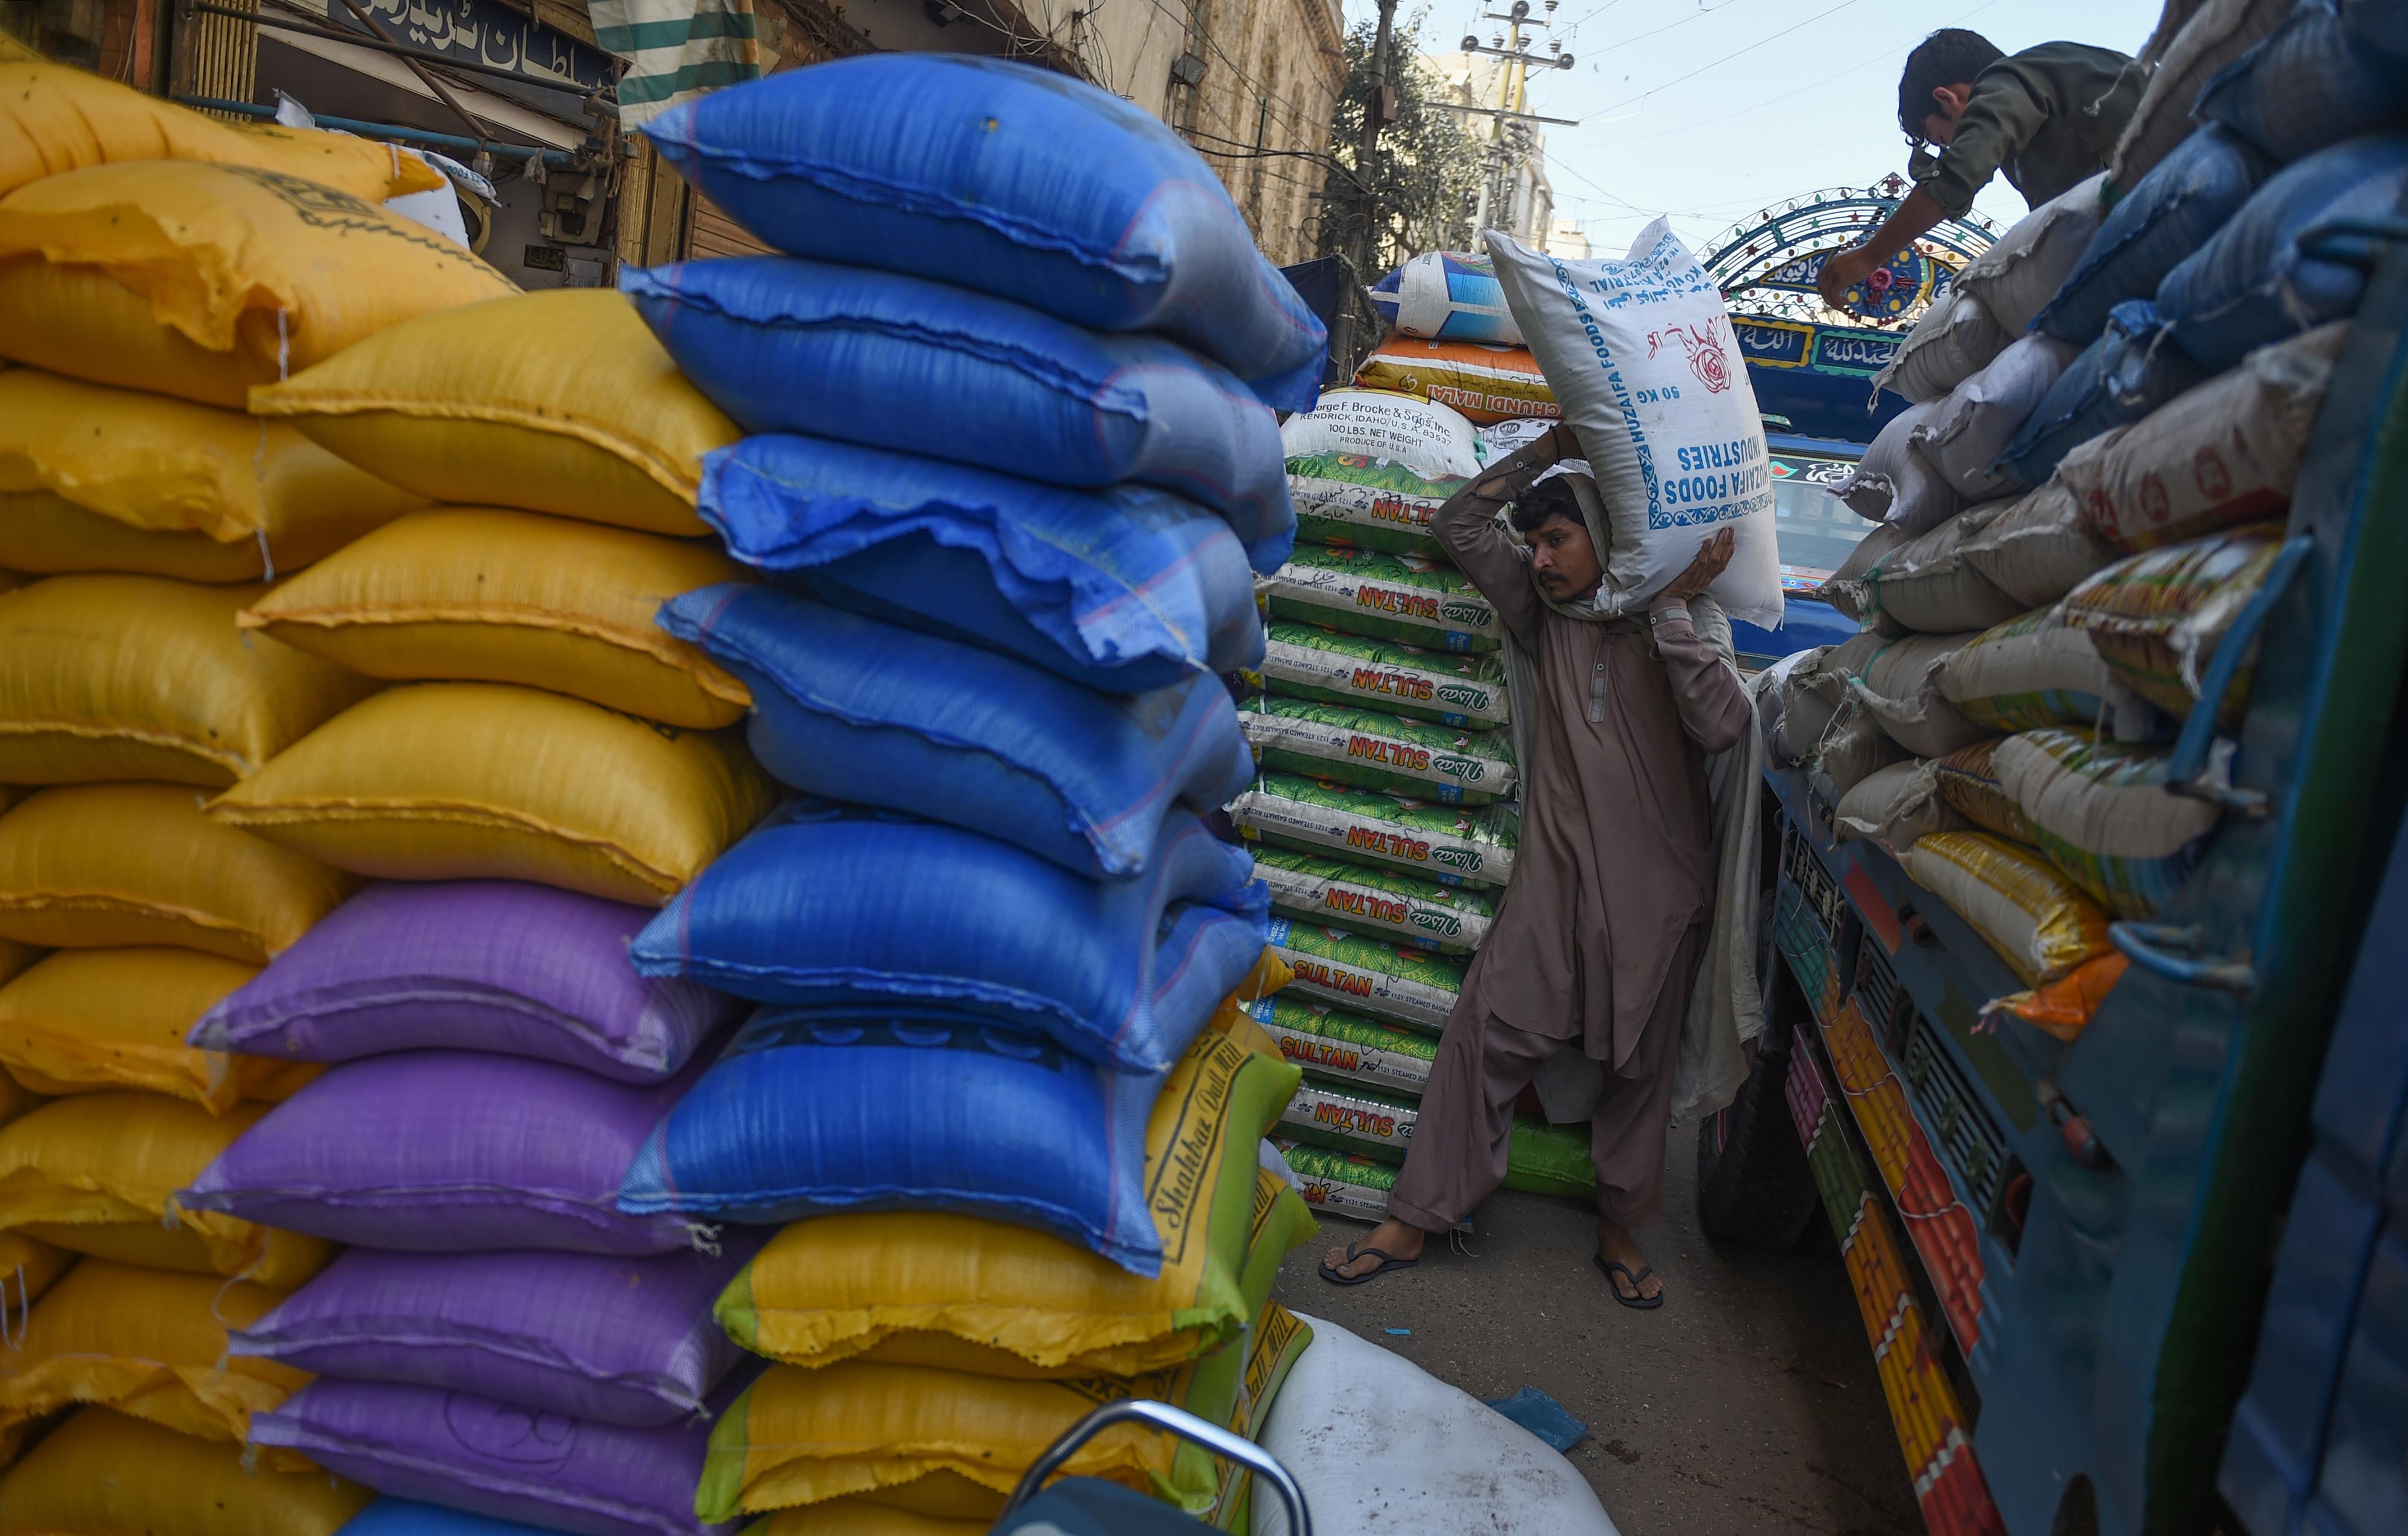 کاروباری ناراضگی کو بڑھاتے ہوئے، بلوچستان میں ایرانی قونصل خانے نے اپنی خدمات معطل کر دیں